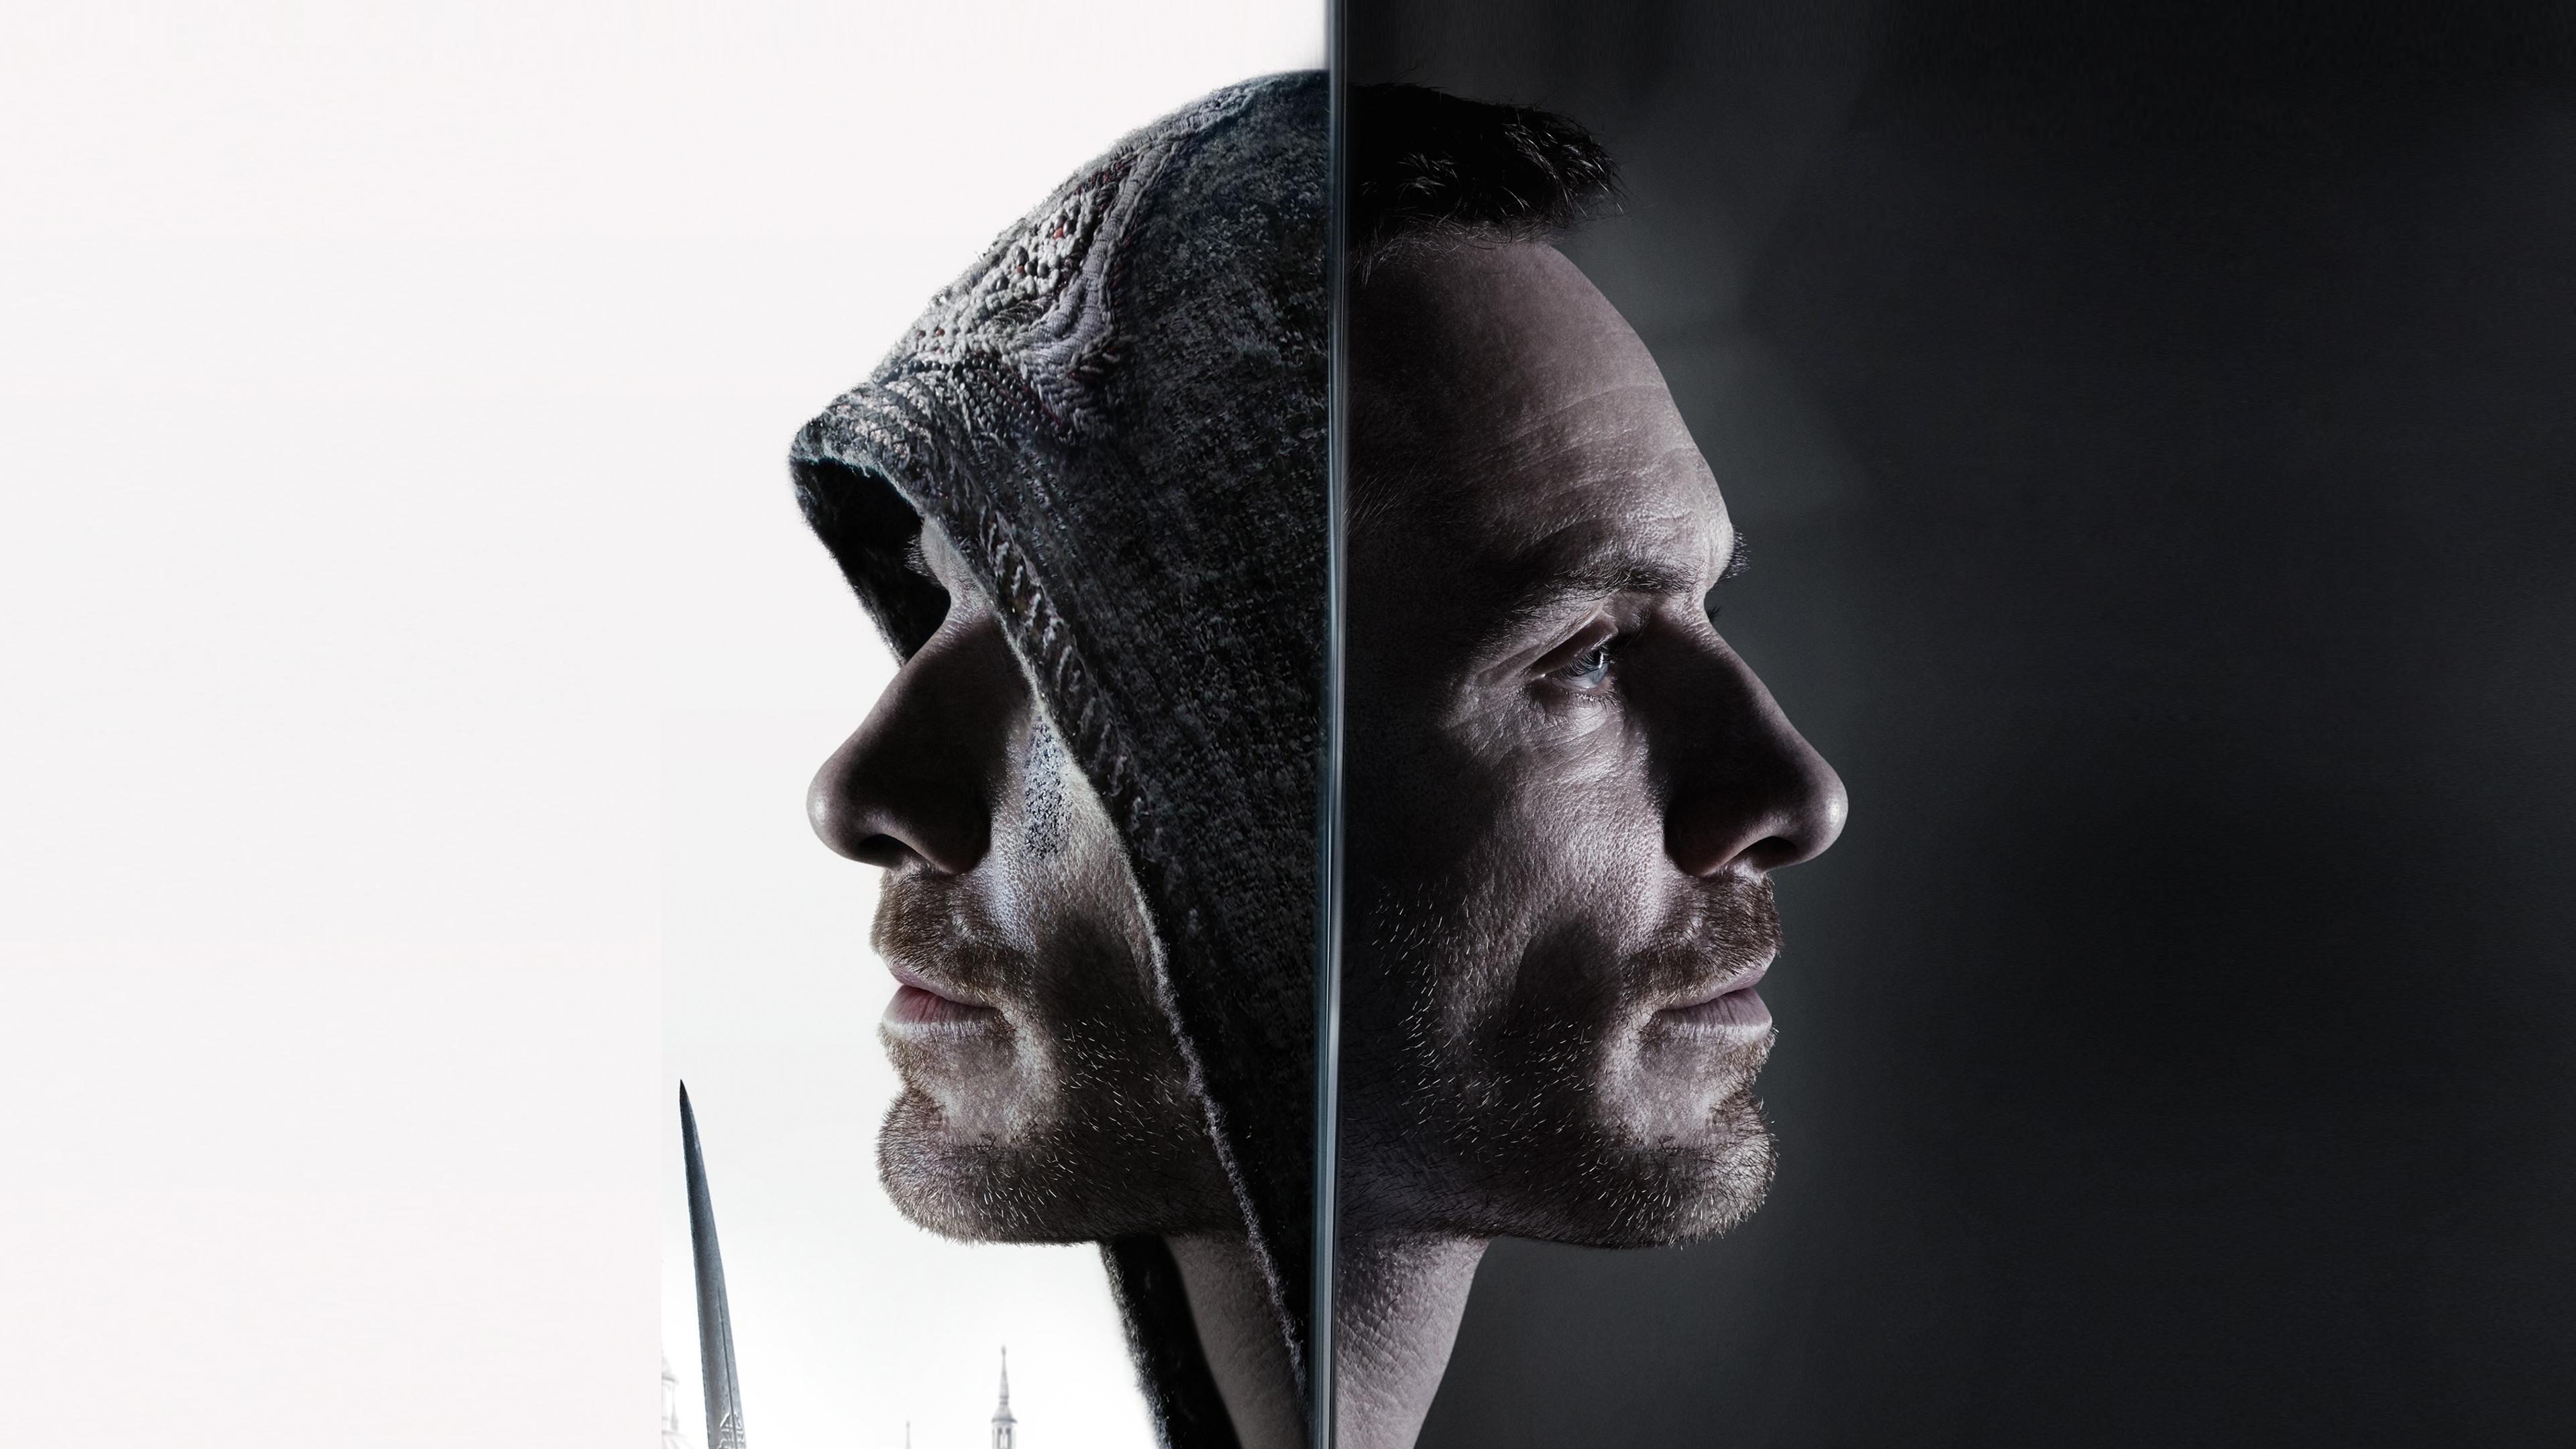 assassins creed movie hd 1536400341 - Assassins Creed Movie HD - movies wallpapers, assassins creed wallpapers, assassins creed movie wallpapers, 2016 movies wallpapers